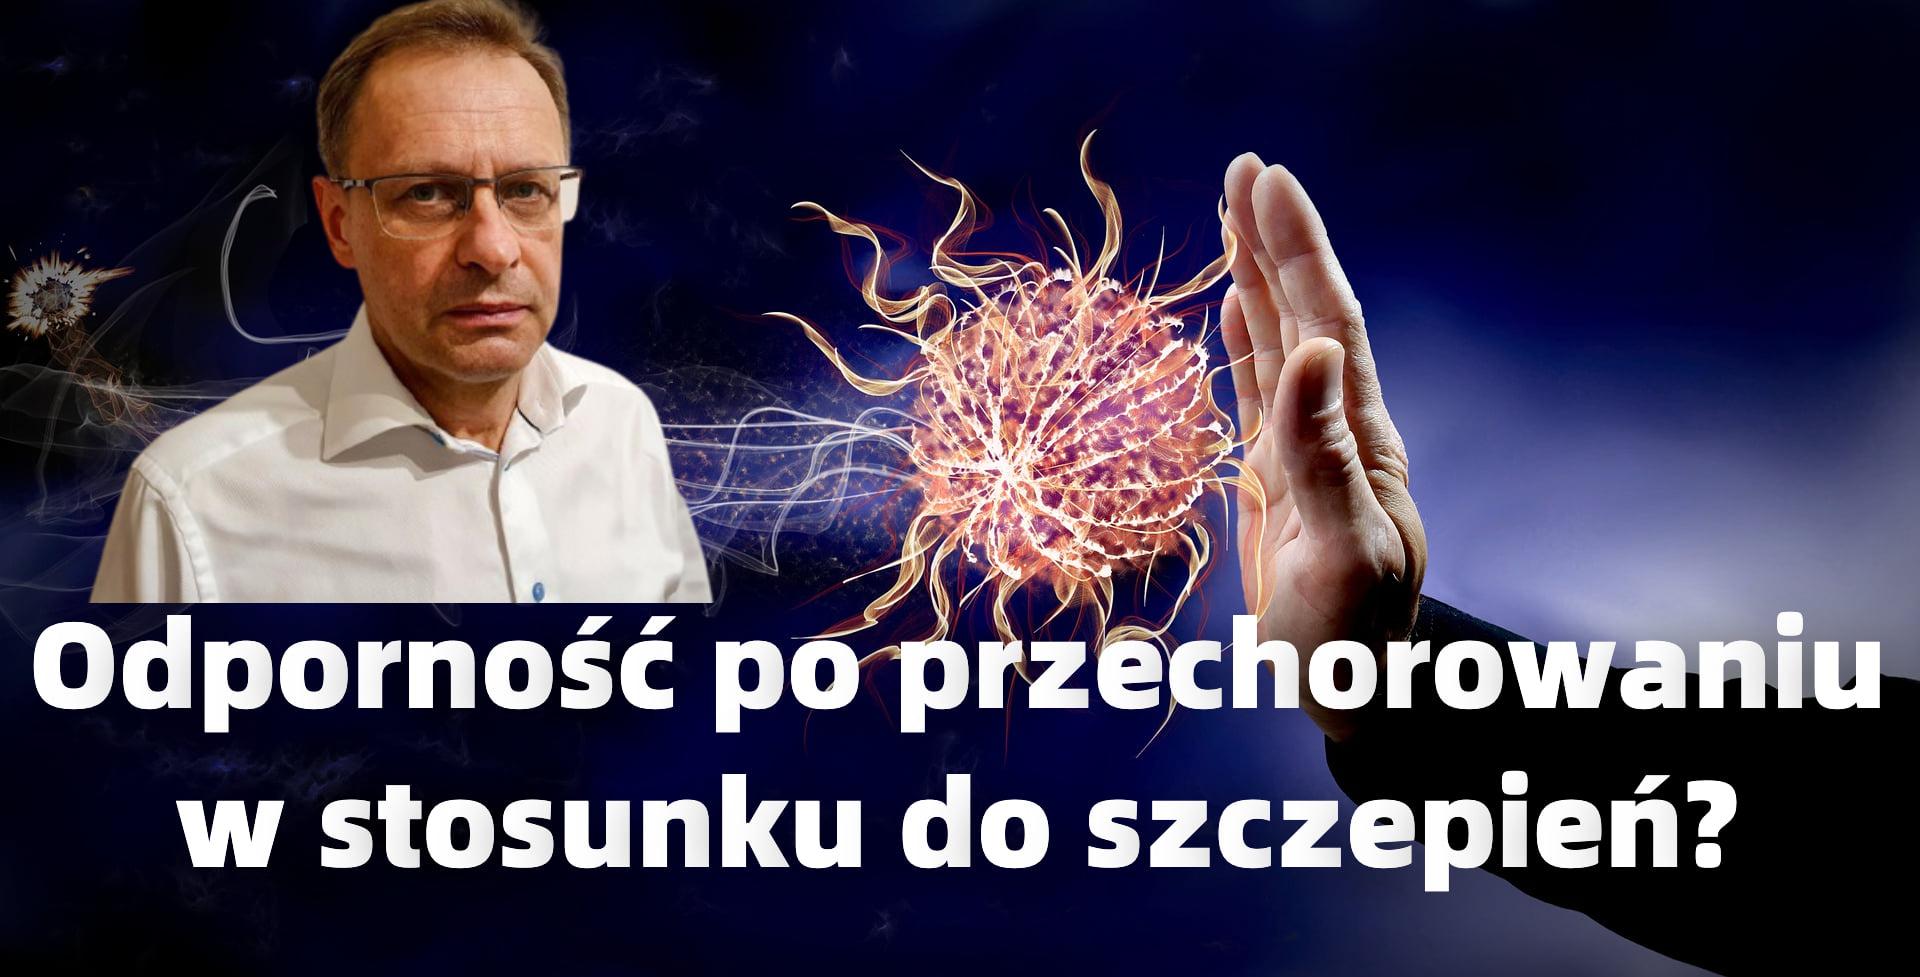 Dr BODNAR: Naturalna odporność w stosunku do szczepień na COVID-19 - Zdjęcie główne